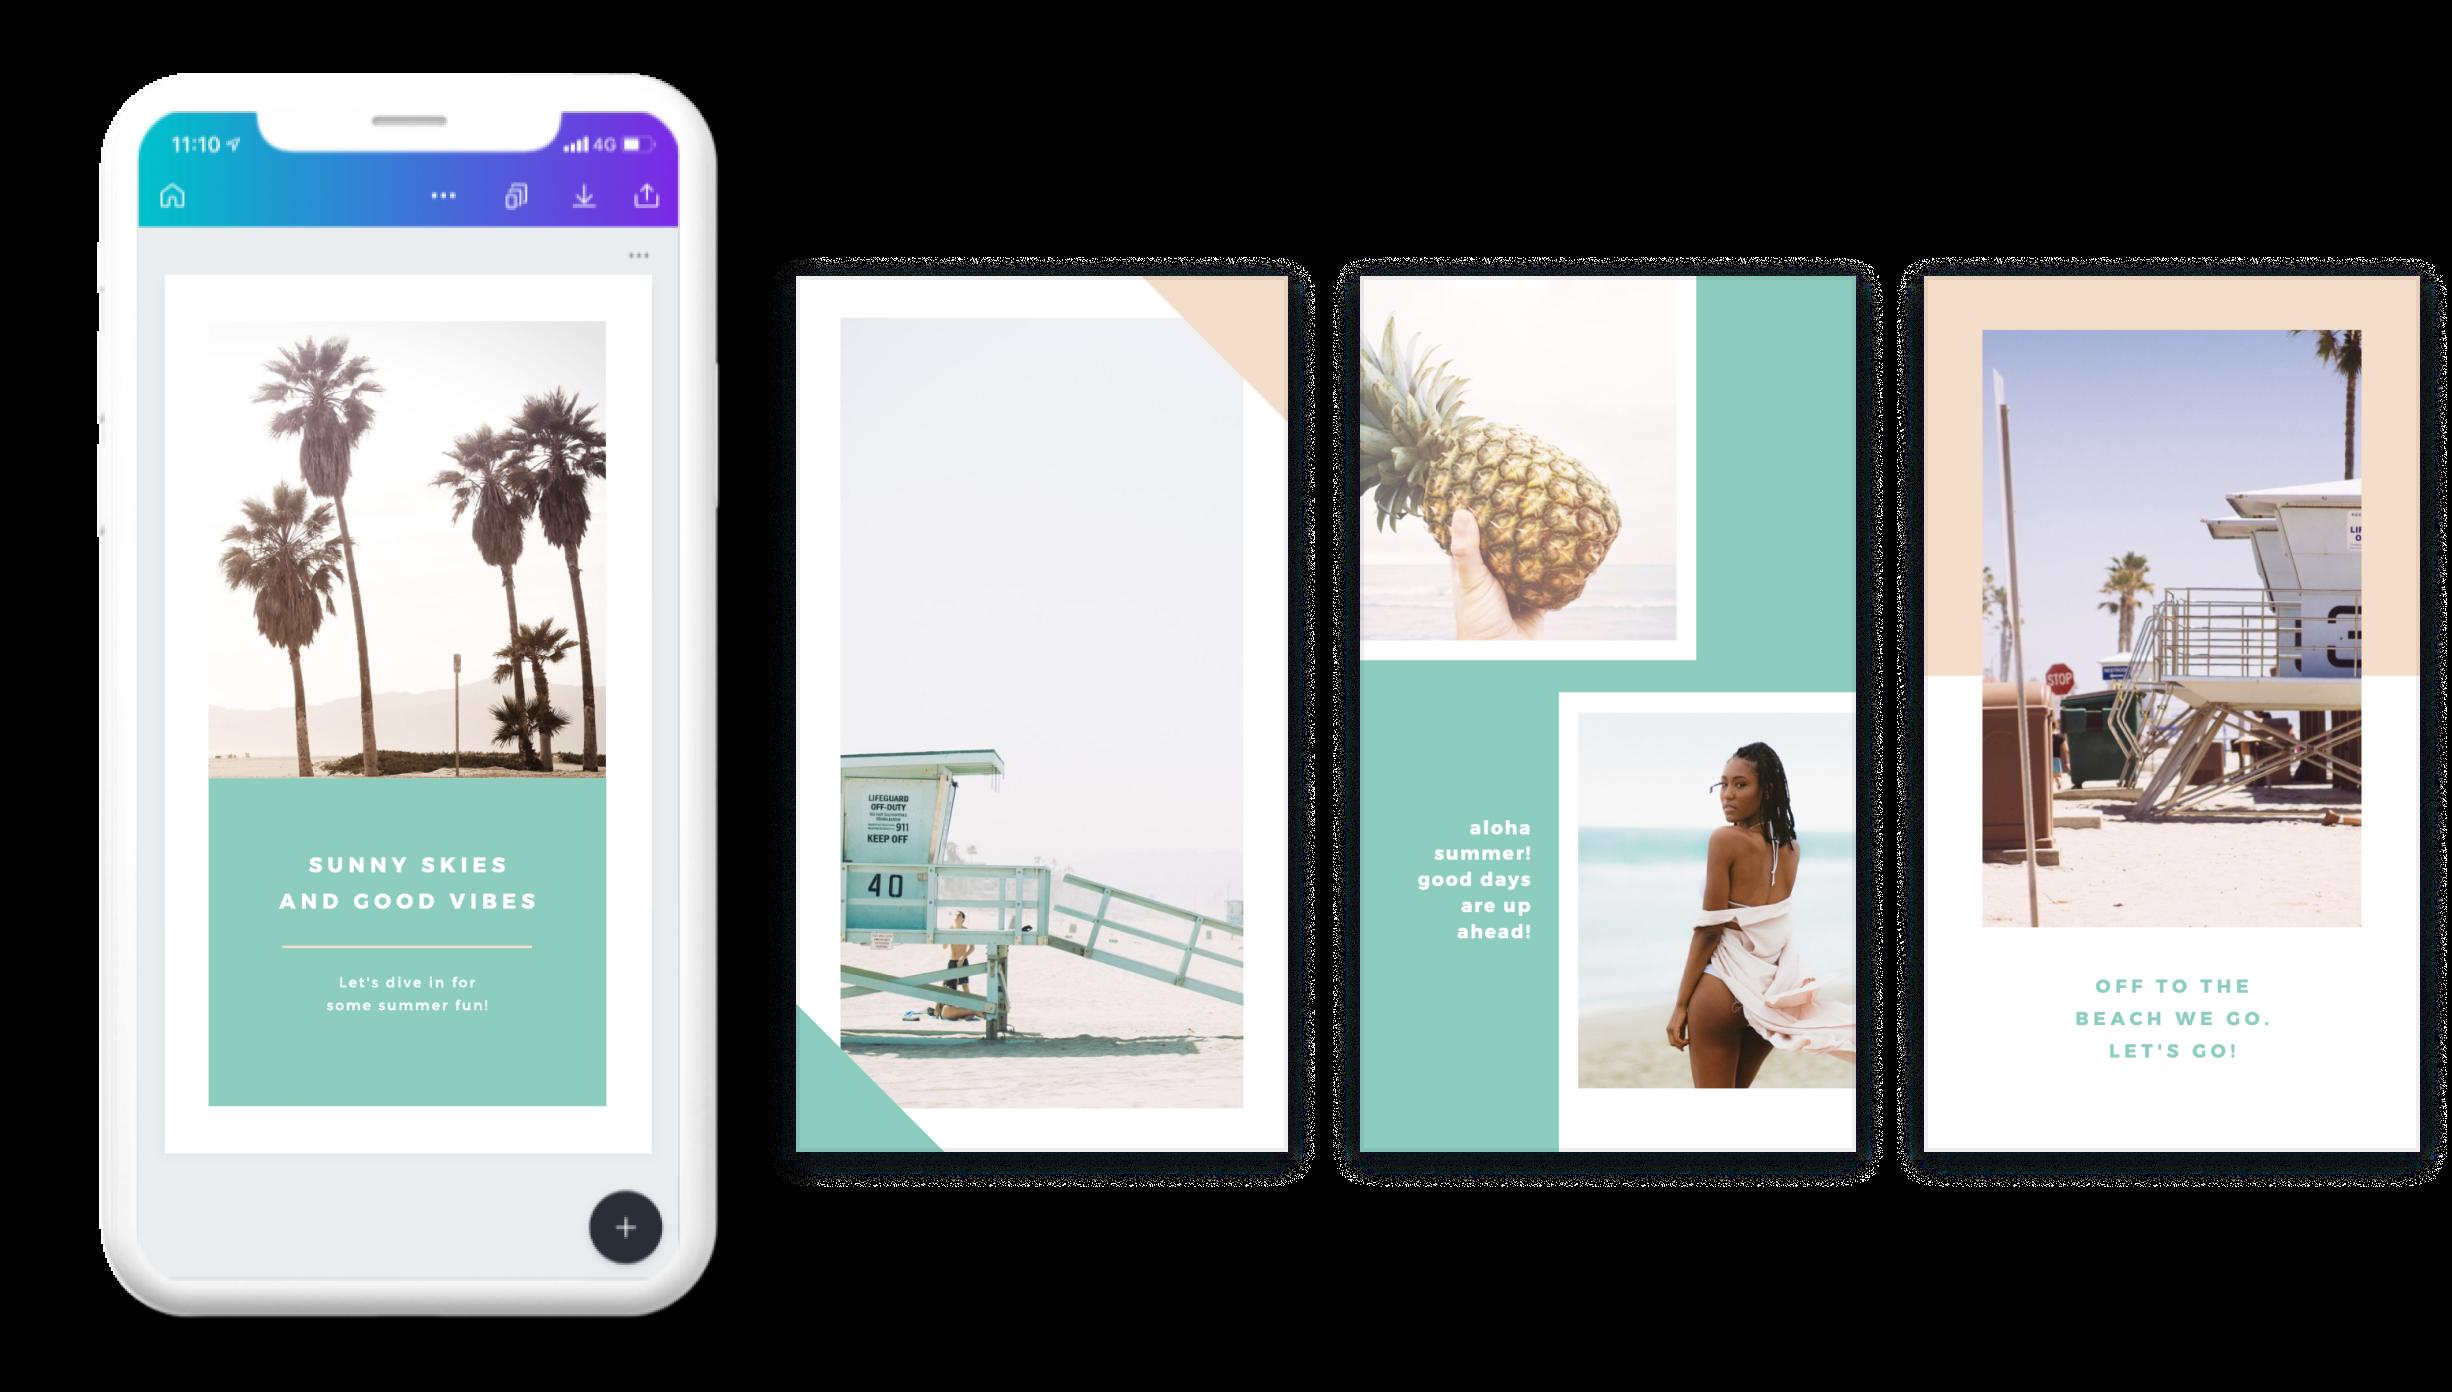 Instagram story set designed in Canva